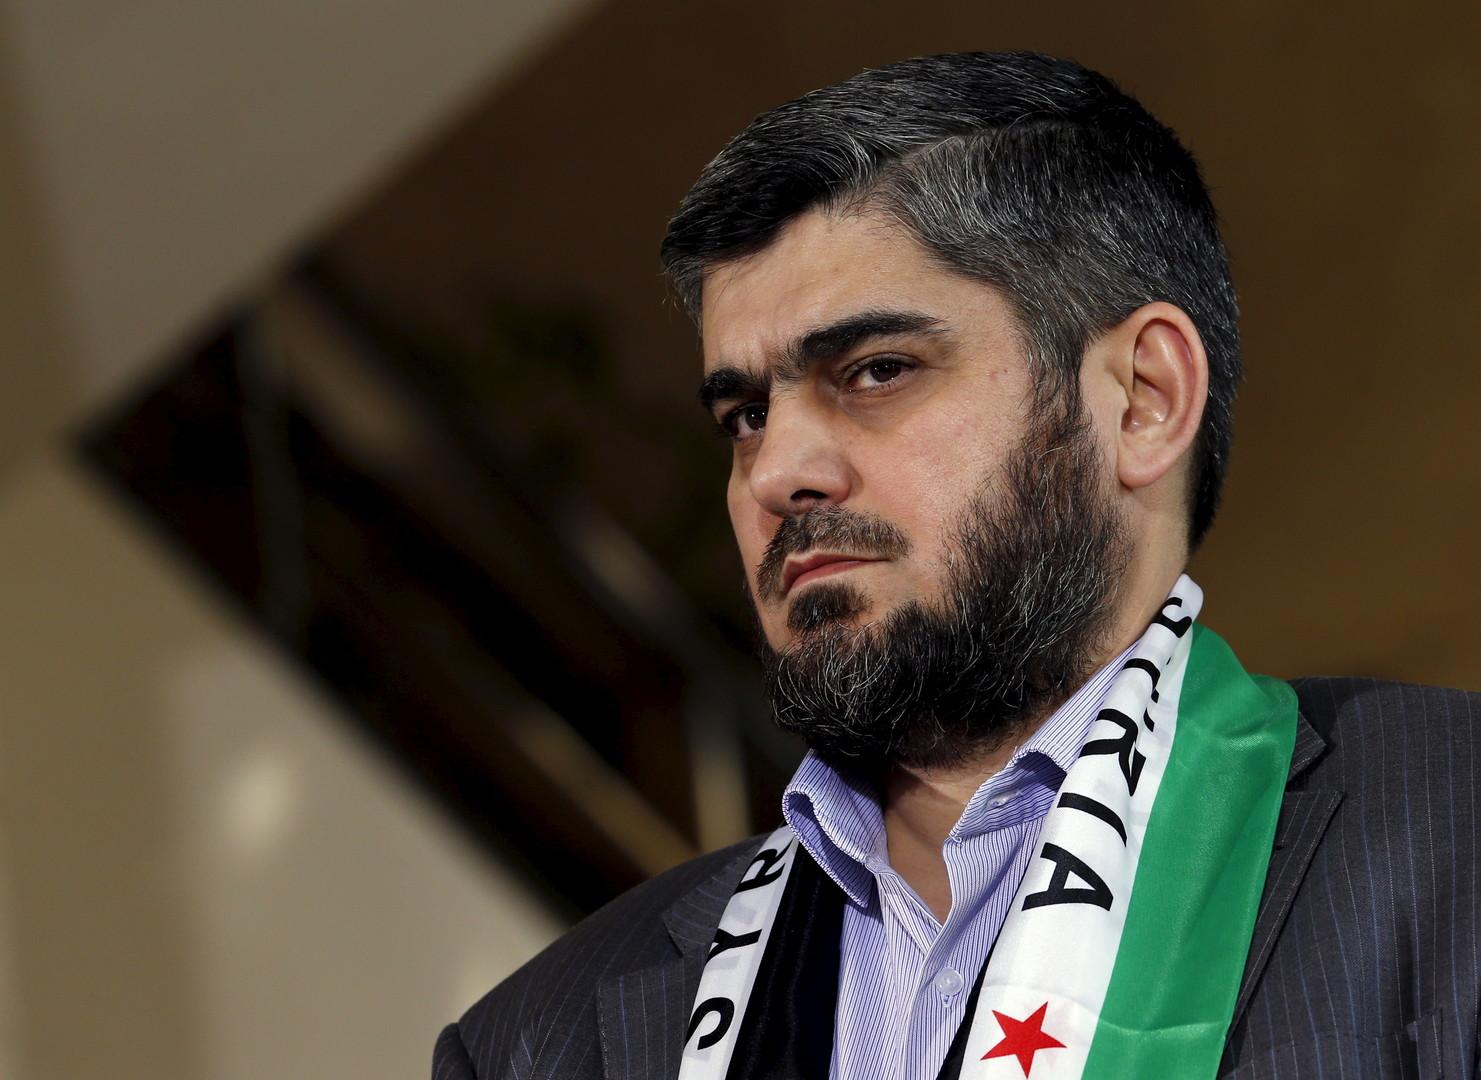 من هو محمد علوش الذي سيرأس وفد المعارضة في أستانا؟